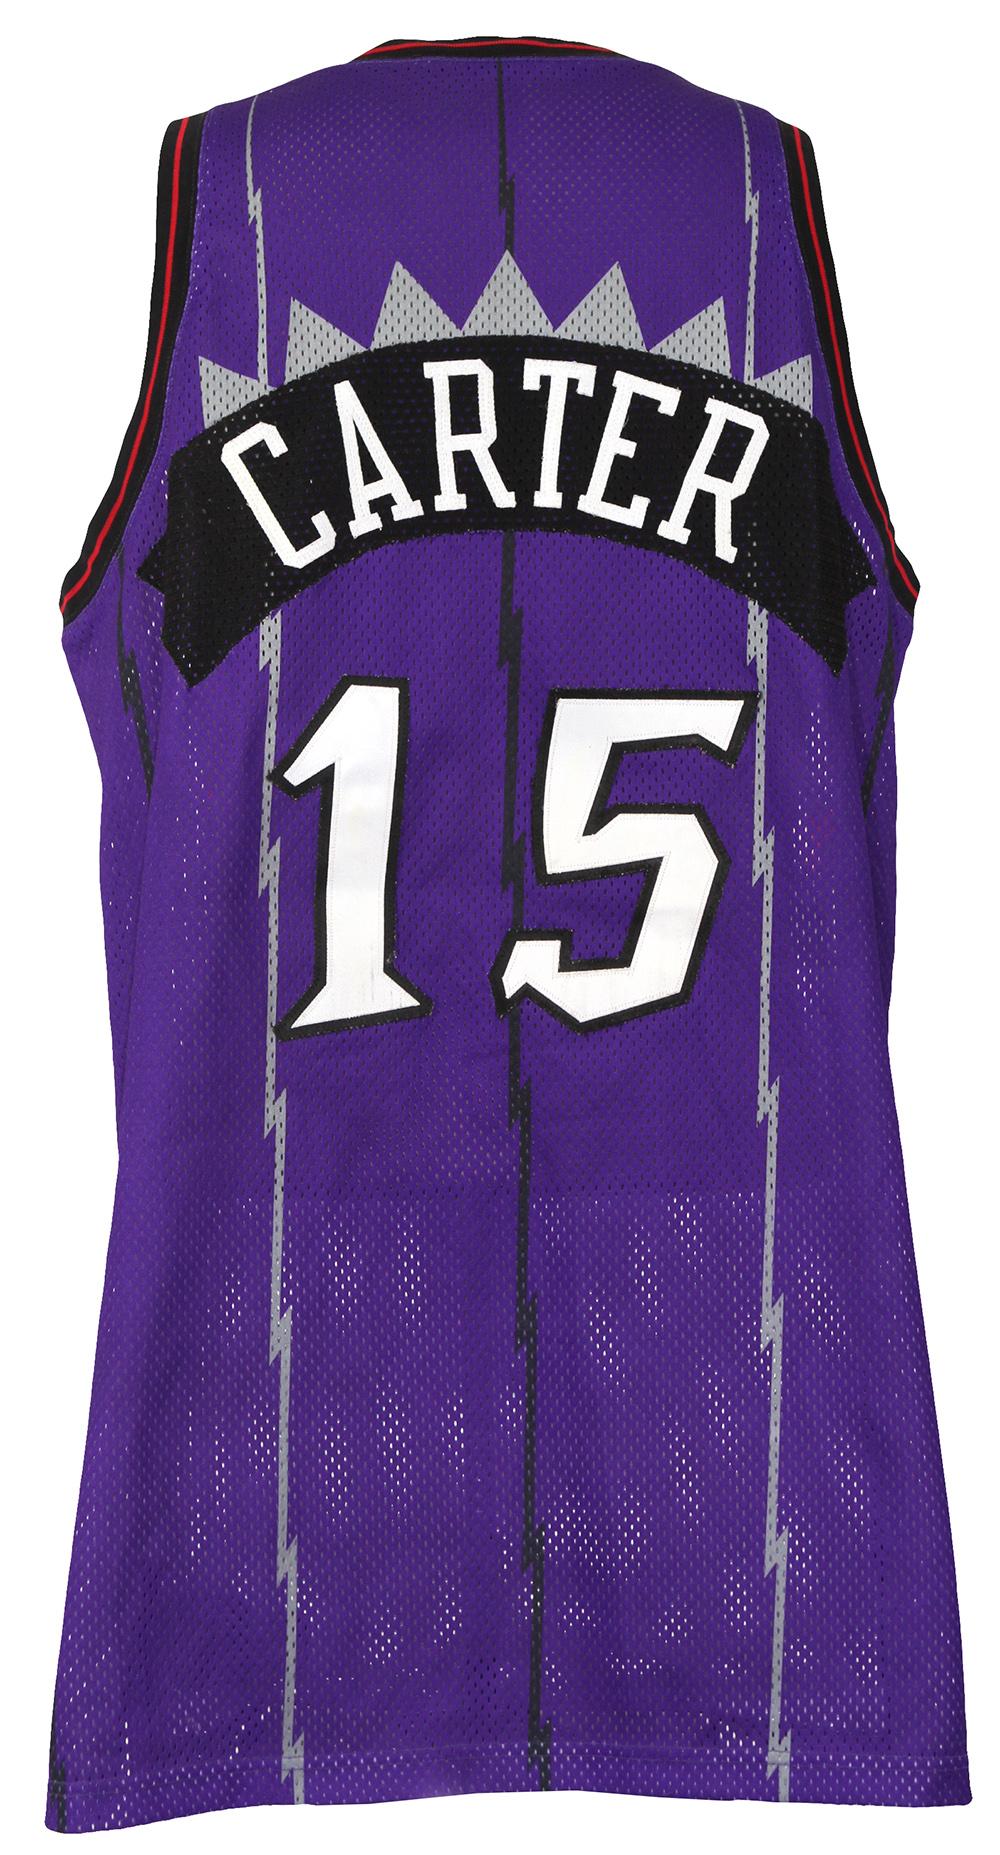 buy online f0063 444fc Lot Detail - 1998-99 Vince Carter Toronto Raptors Game Worn ...